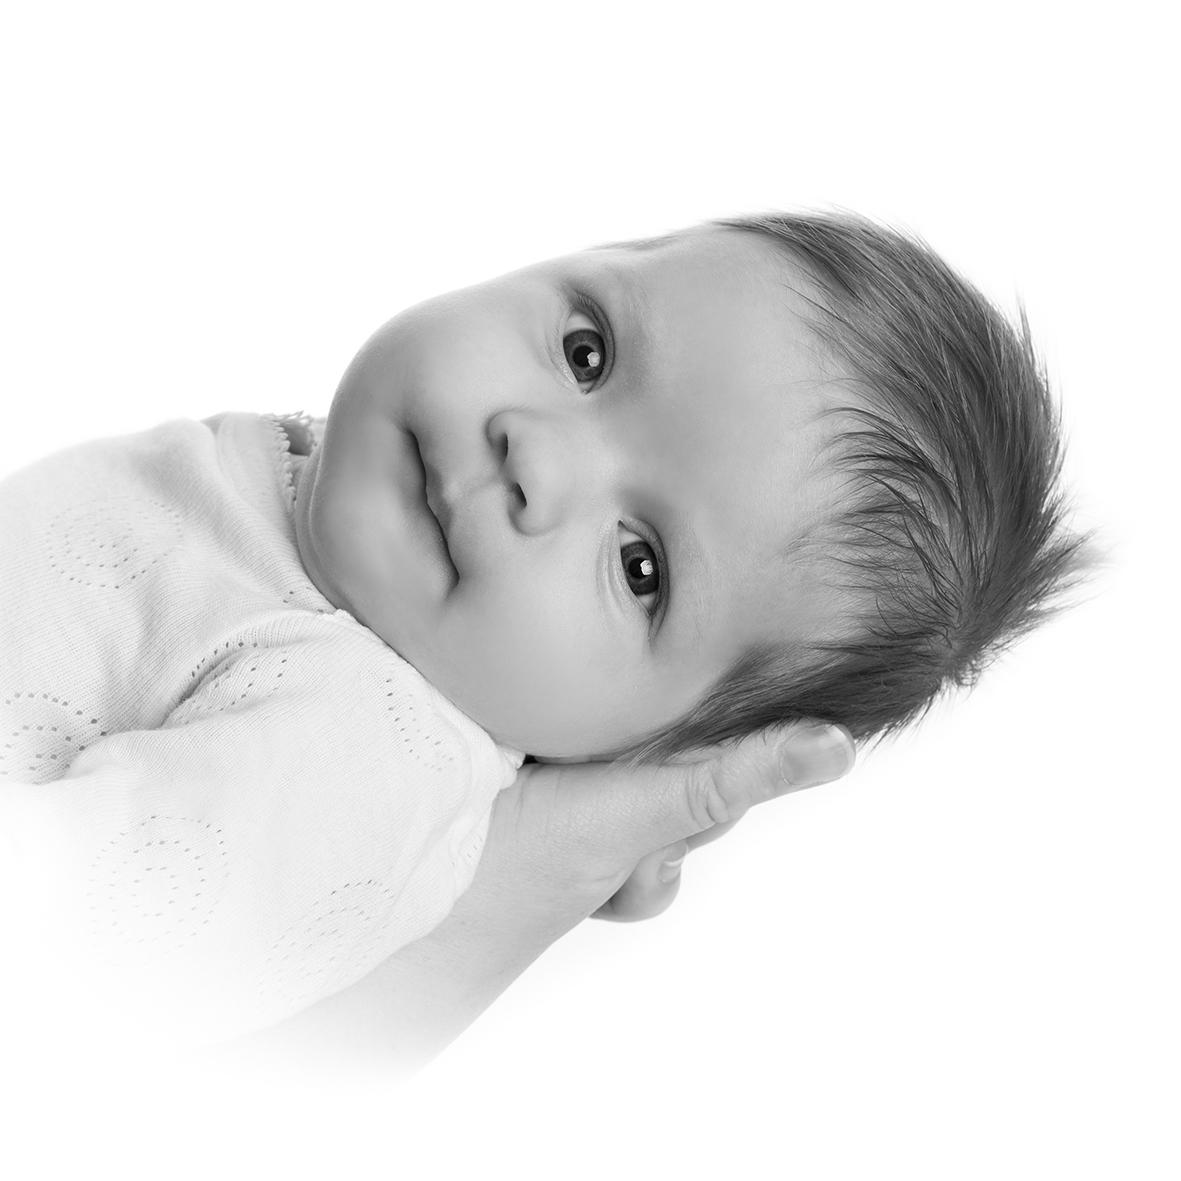 Fotograf I Aarhus Viby Birgit Skou Fotografi - Babyfoto newborn børneportrætter familieportrætter 1